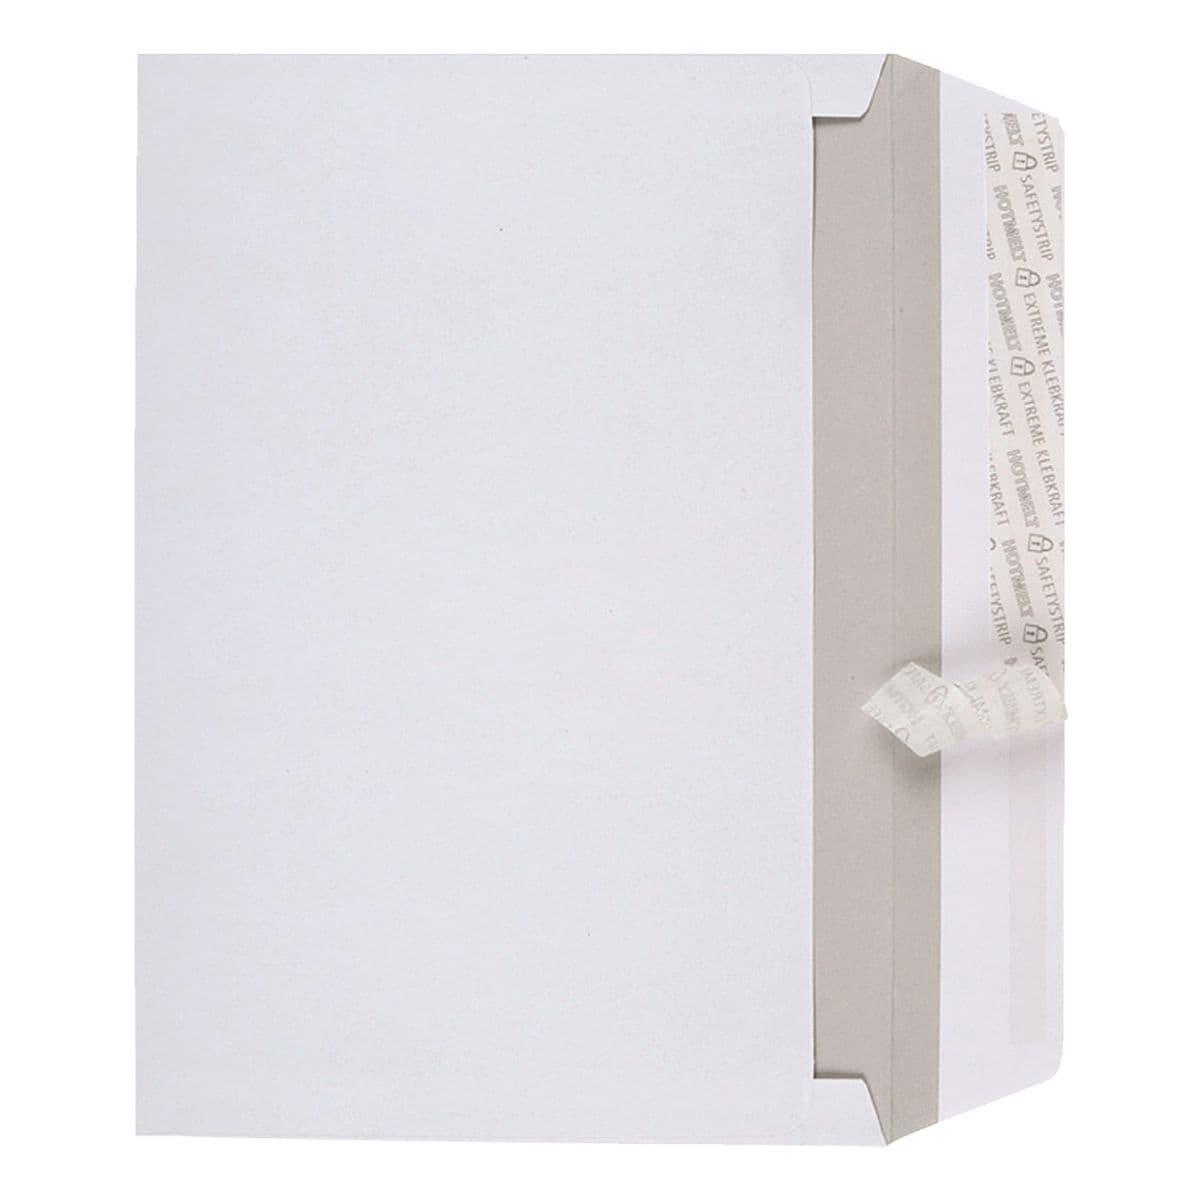 BONG 500 pochettes d'expédition à ouverture latérale, C4 100 g/m² sans fenêtre